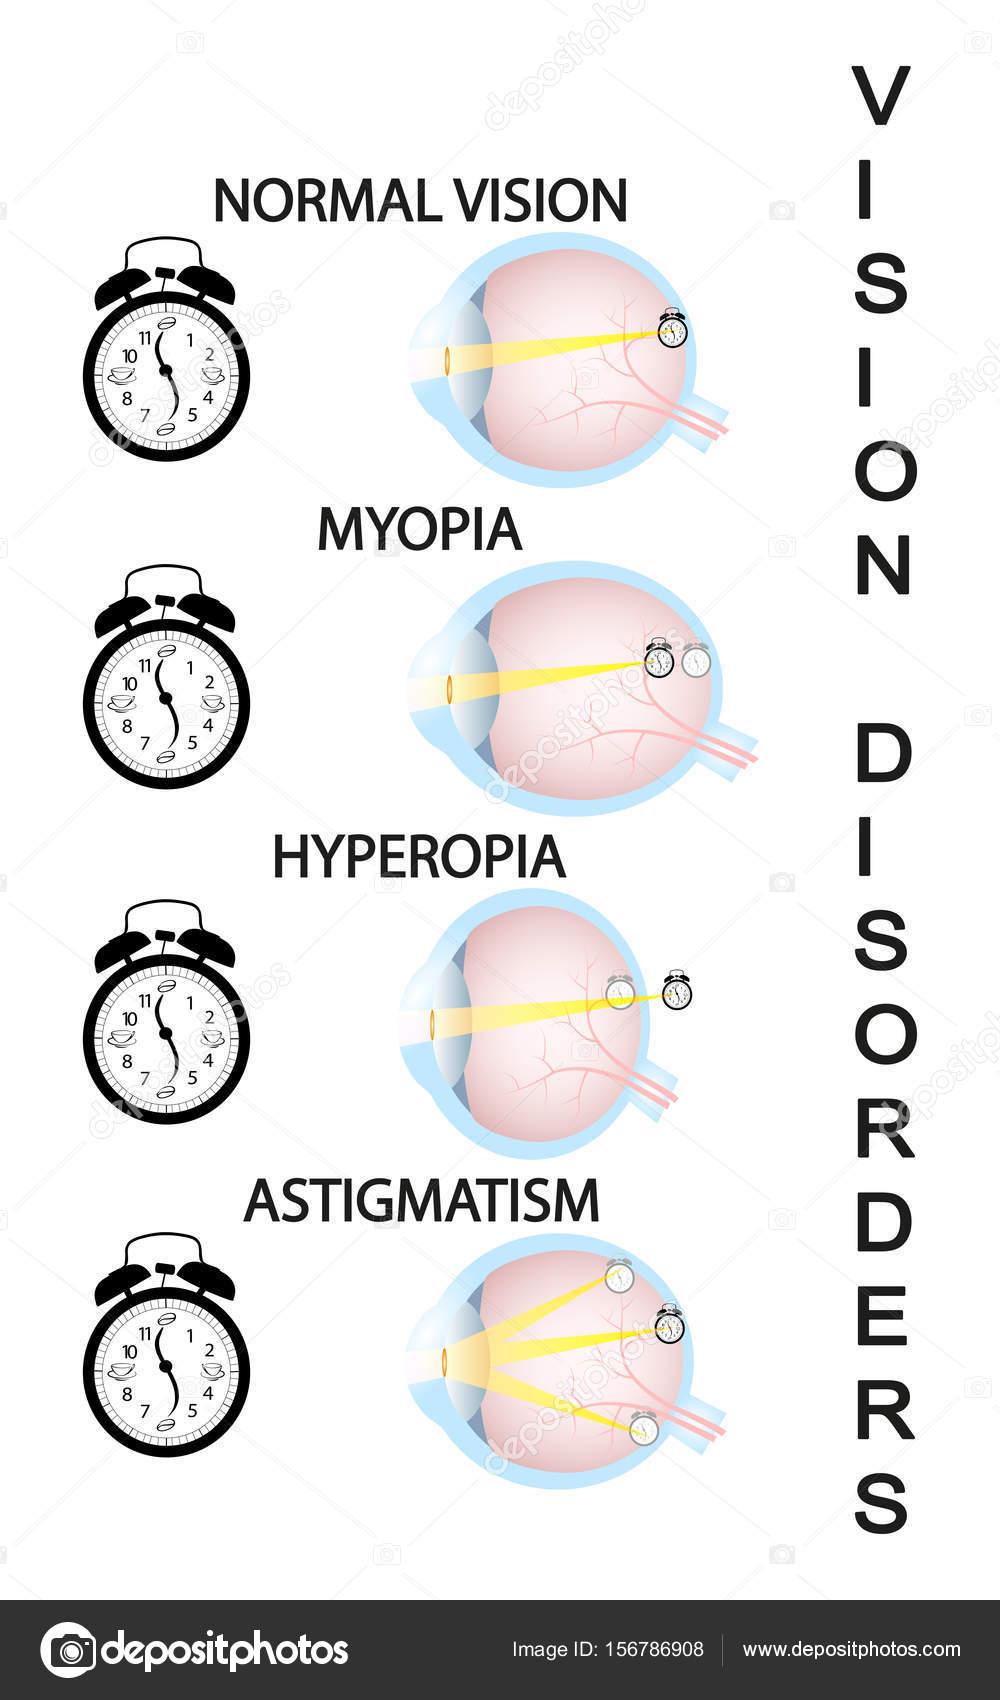 szemlátás hyperopia myopia közvetlen látás az